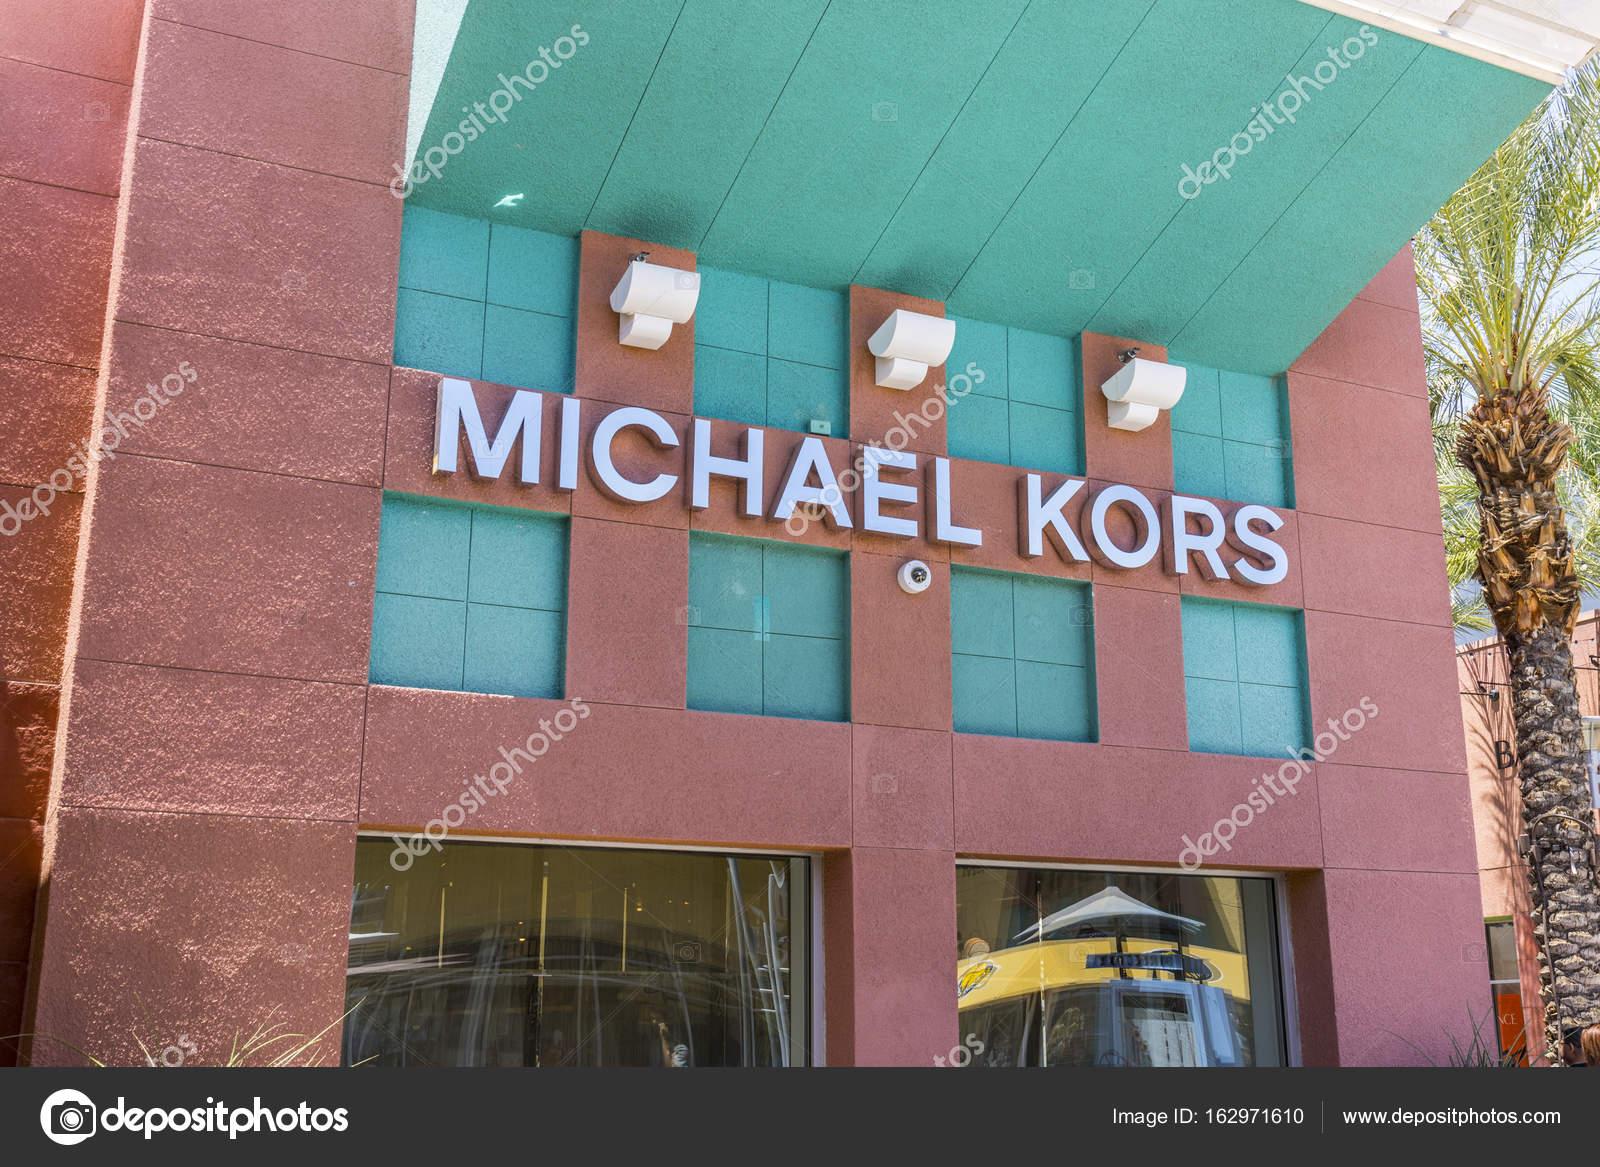 Las Vegas - cerca de julho de 2017  Michael Kors loja de varejo. Ofertas de  Kors vestuário clássico, bolsas e acessórios Iii — Fotografia por  jetcityimage2 a7674896fa